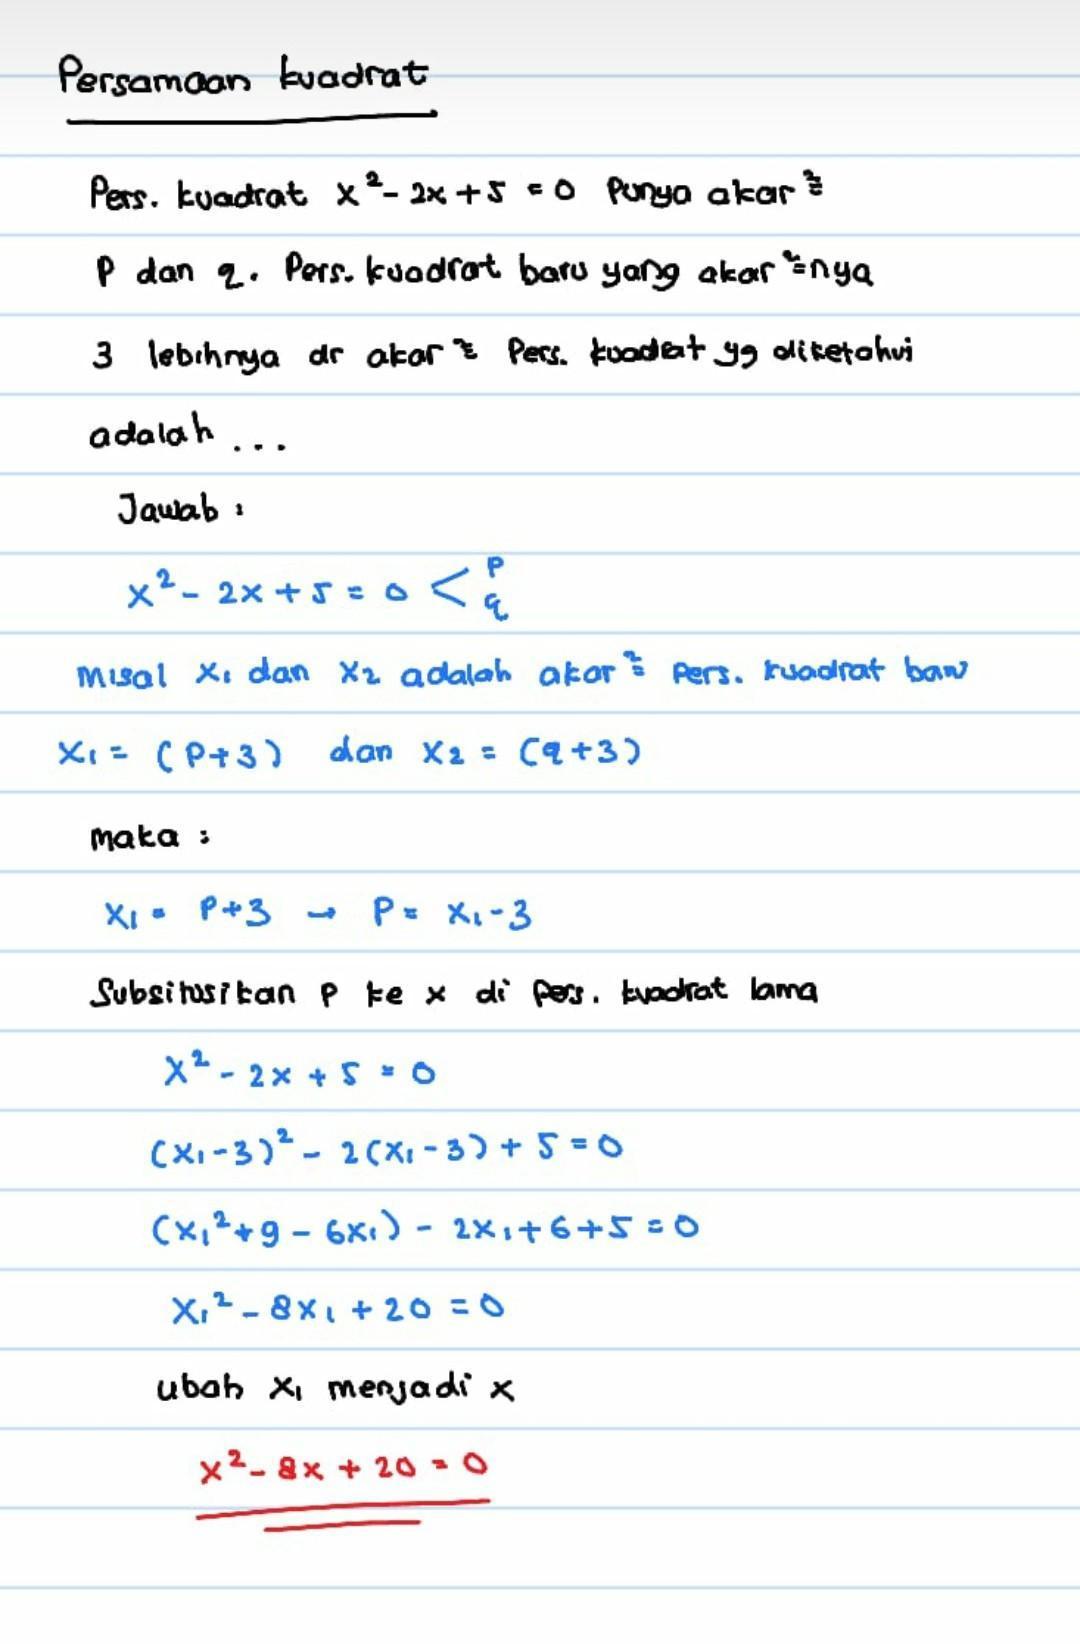 Jika Diketahui Akar Persamaan Kuadrat Adalah 3 Dan 5 Maka Persamaan Kuadratnya Adalah : diketahui, persamaan, kuadrat, adalah, kuadratnya, Diketahui, Persamaan, Kuadrat, Mempunyai, Akar-akar, Persamaankuadrat, Brainly.co.id